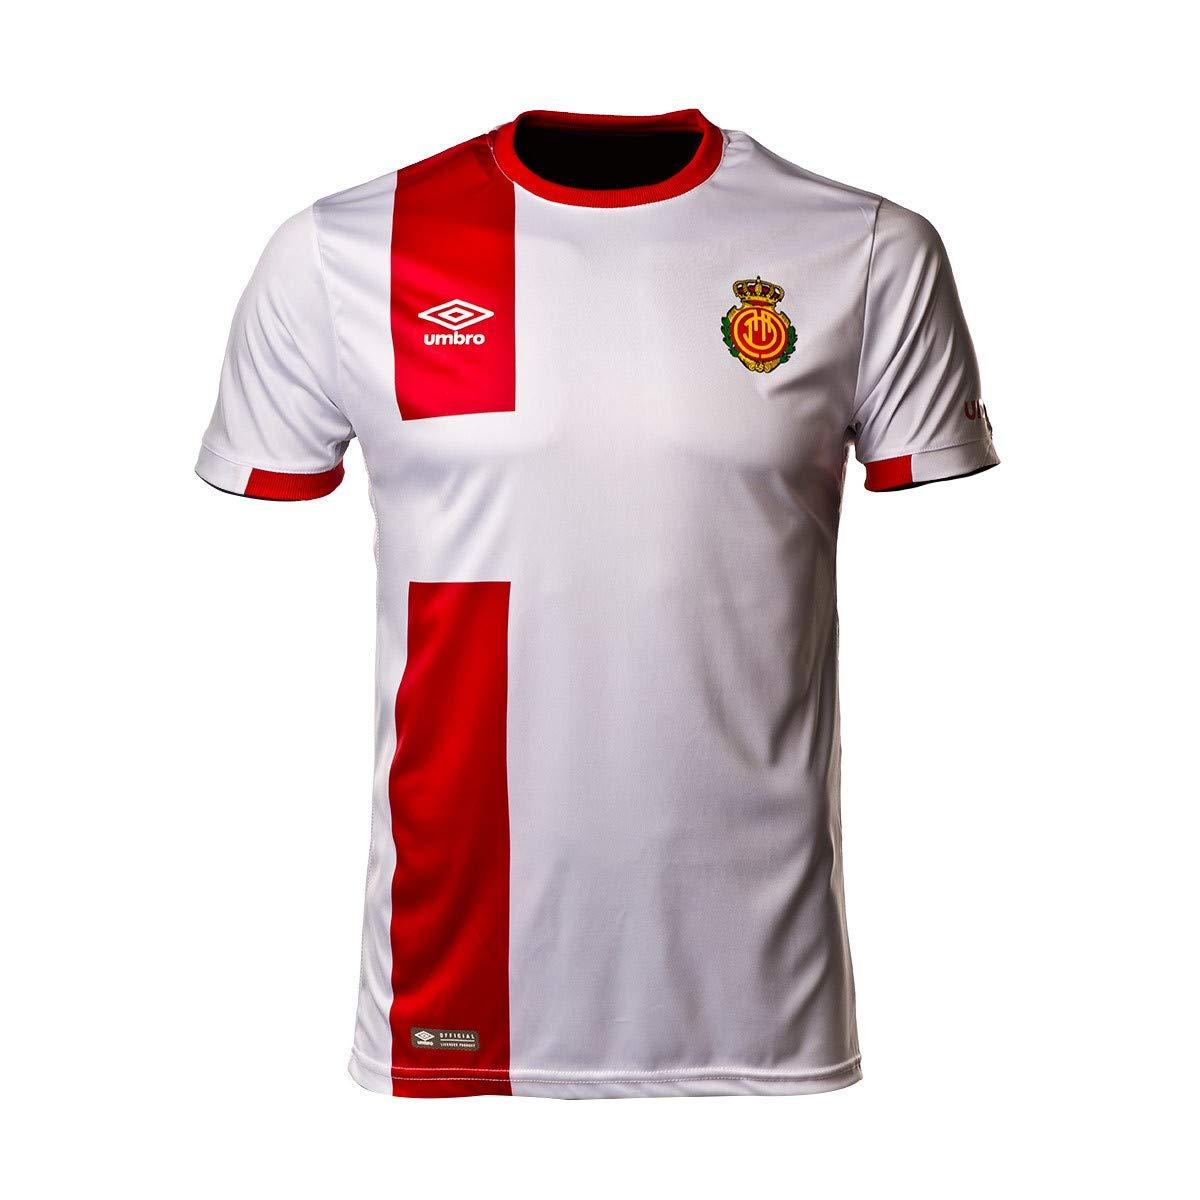 Umbro RCD Mallorca Segunda Equipación 2018-2019, Camiseta, Blanco ...